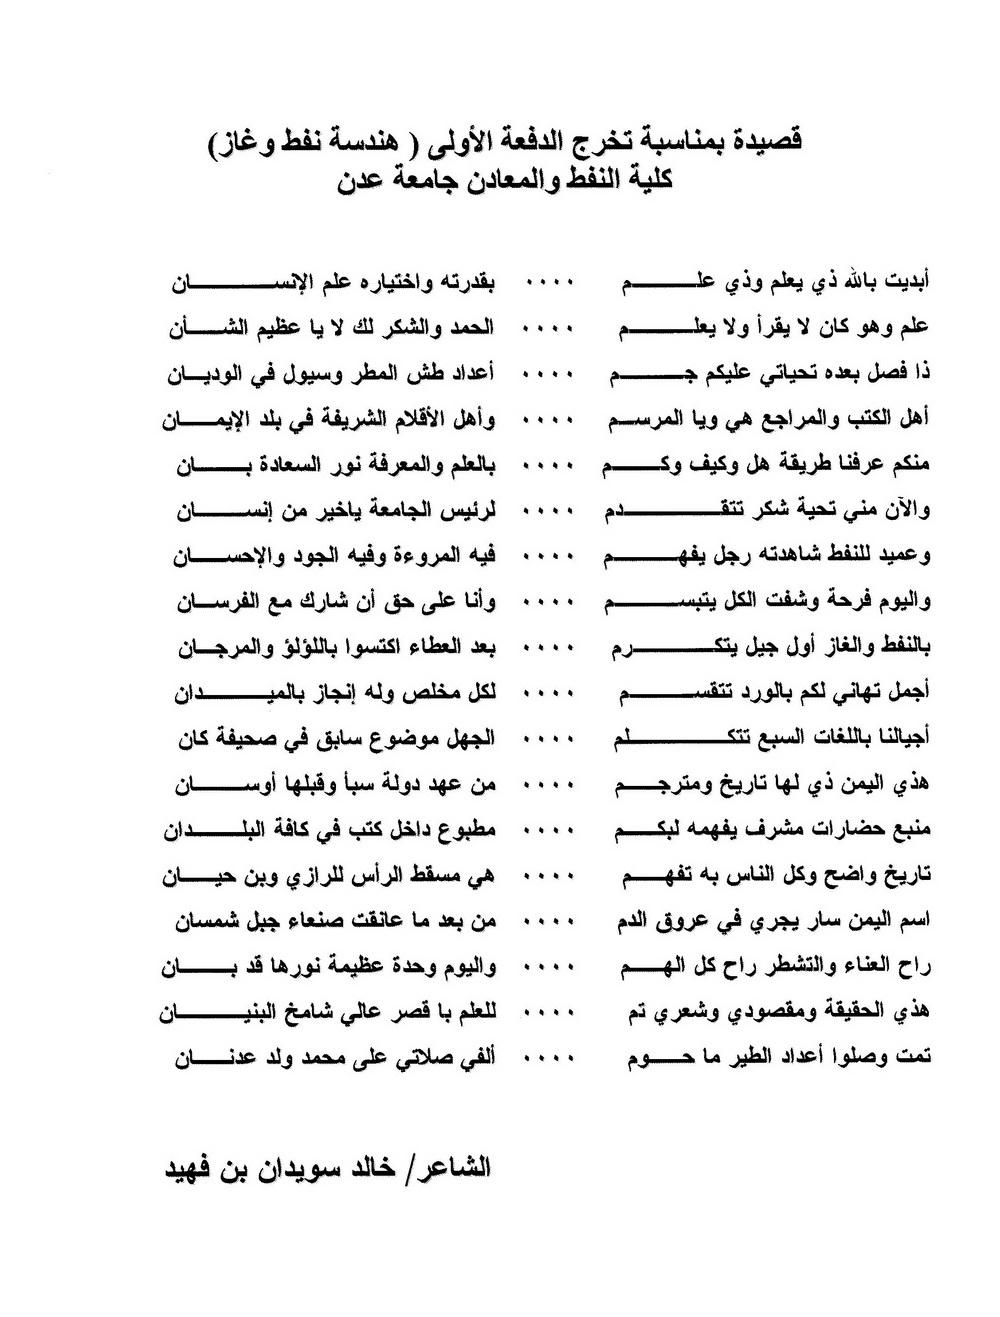 بالصور شعر عن التخرج , اروع كلمات للشعراء للخريجين 3349 5